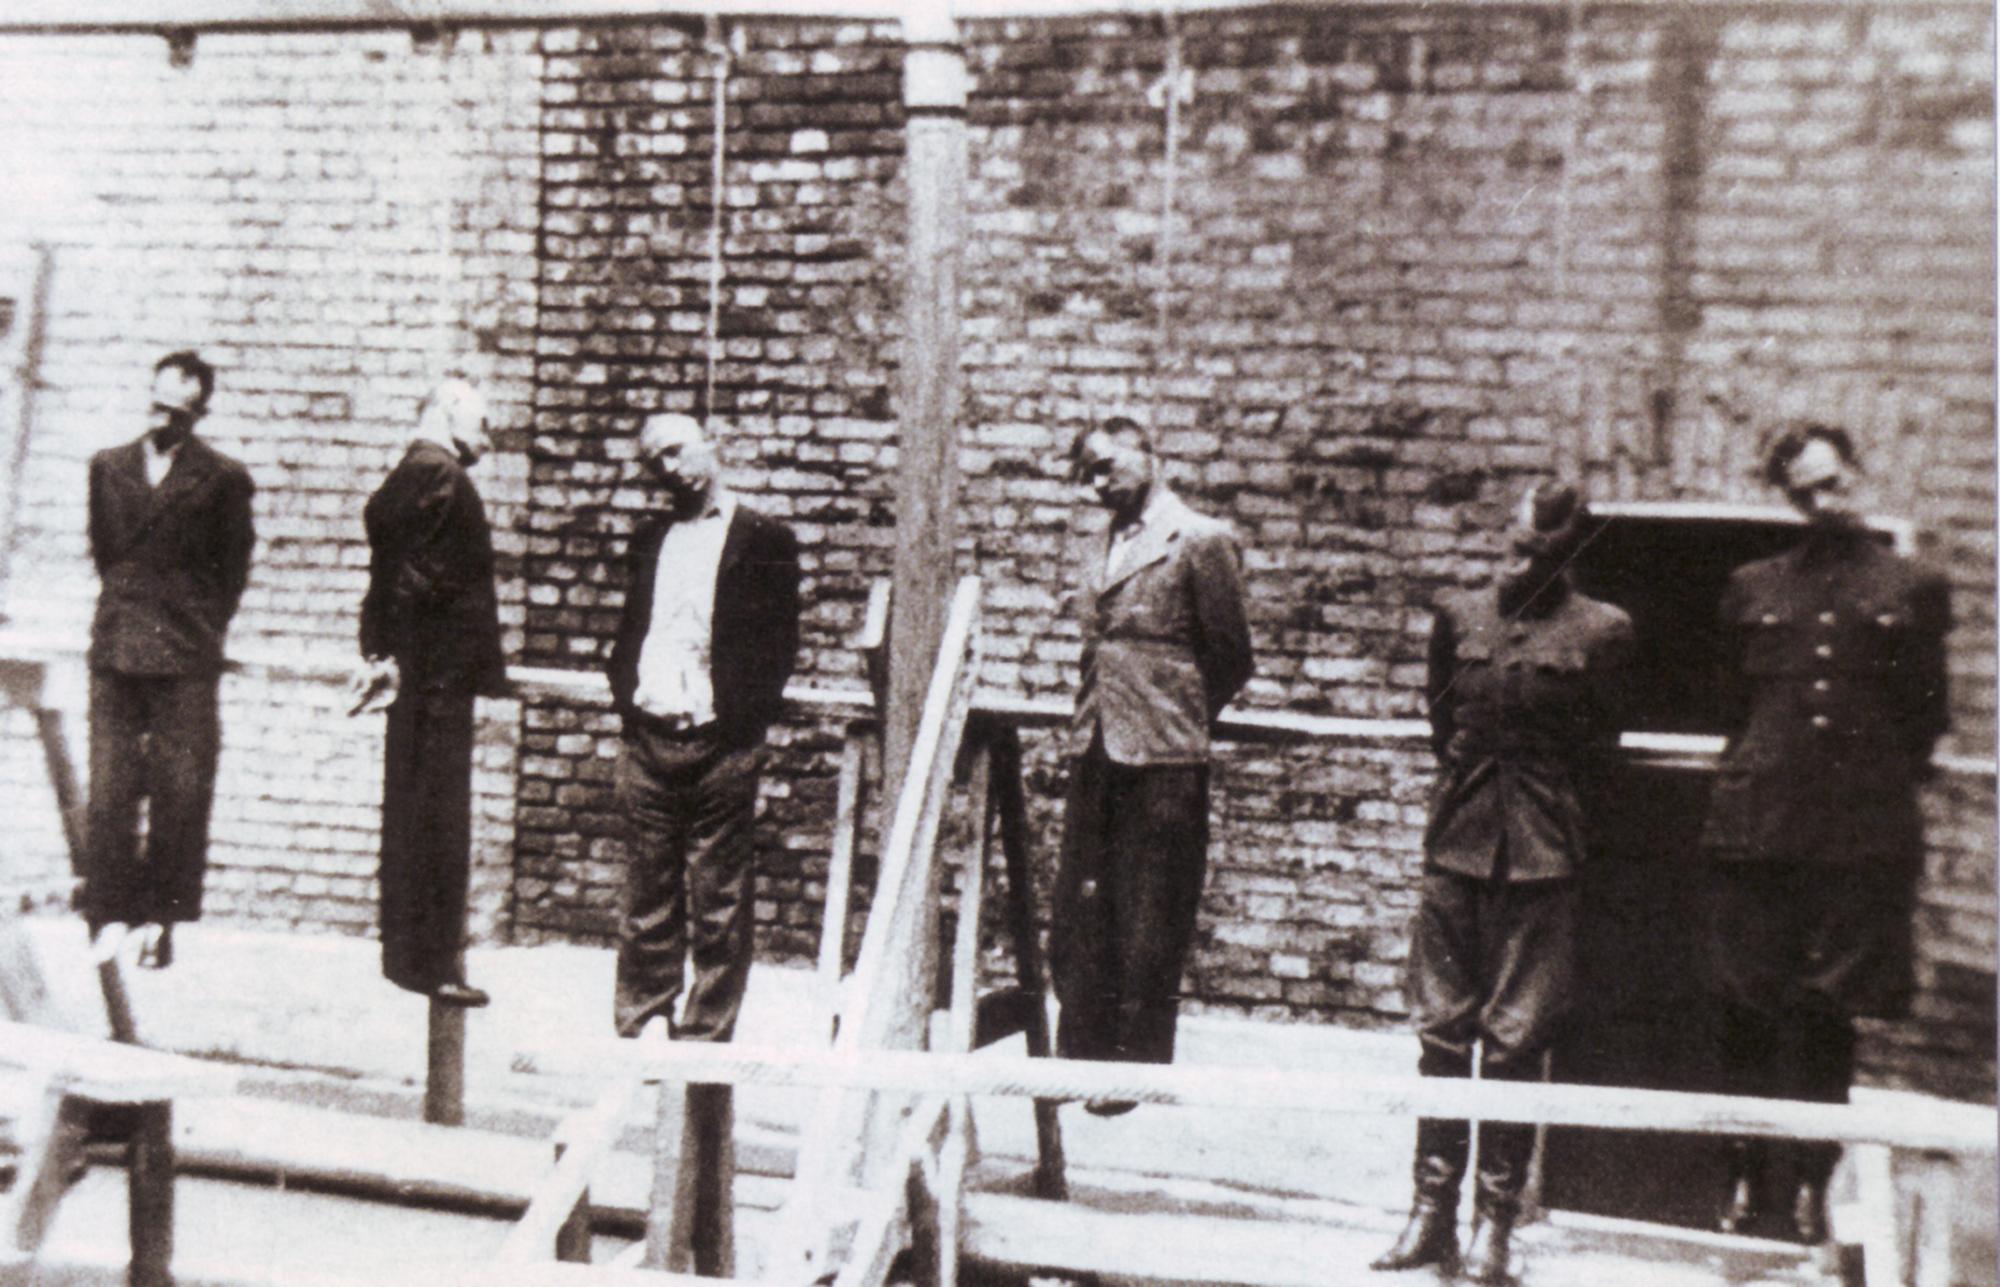 Повешенные офицеры РОА Власов, Трухин, Буняченко и Меандров во дворе Бутырской тюрьмы. 1 августа 1946 г.